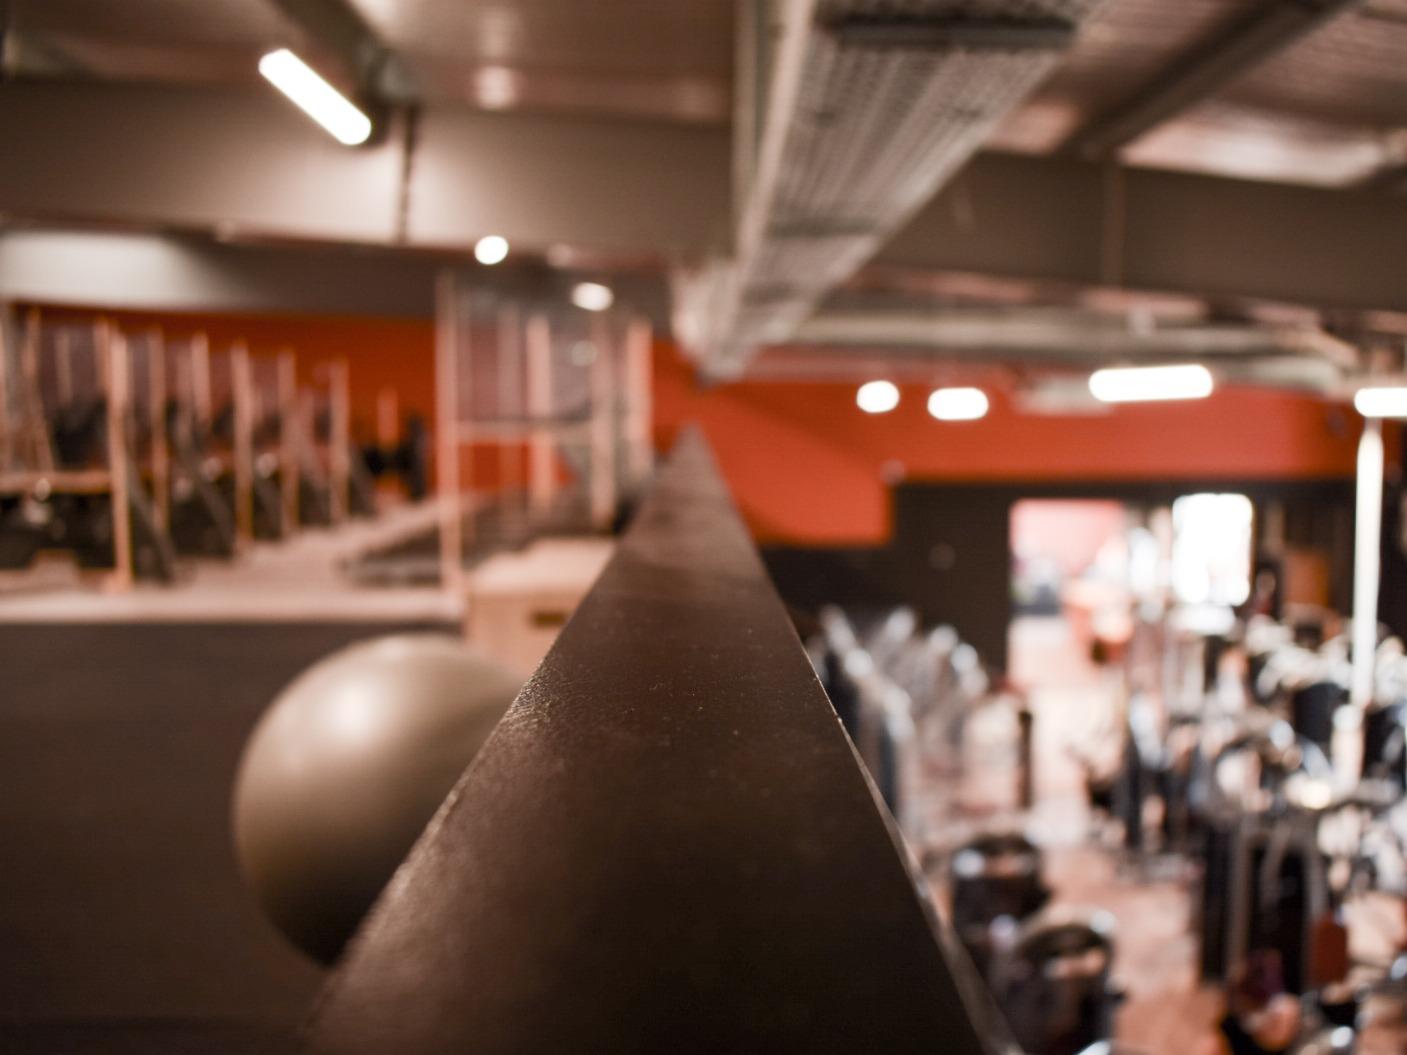 Full Fitness Cugnaux